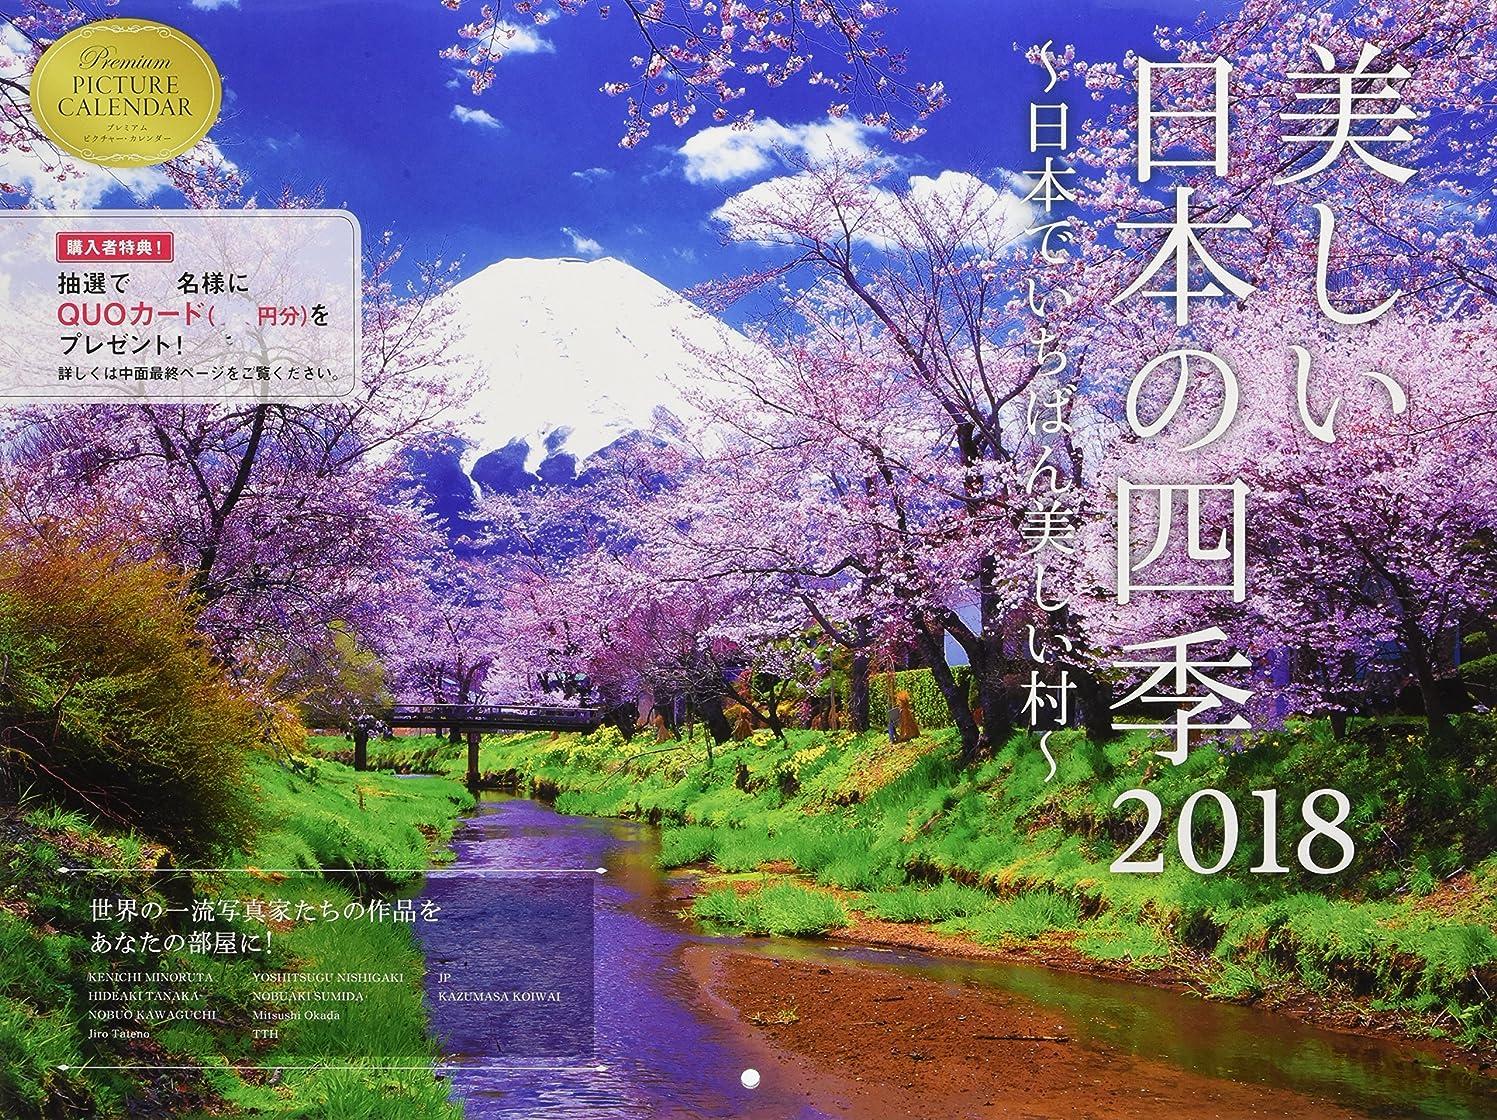 おもしろい加速度列車2018 美しい日本の四季 ?日本でいちばん美しい村?カレンダー ([カレンダー])